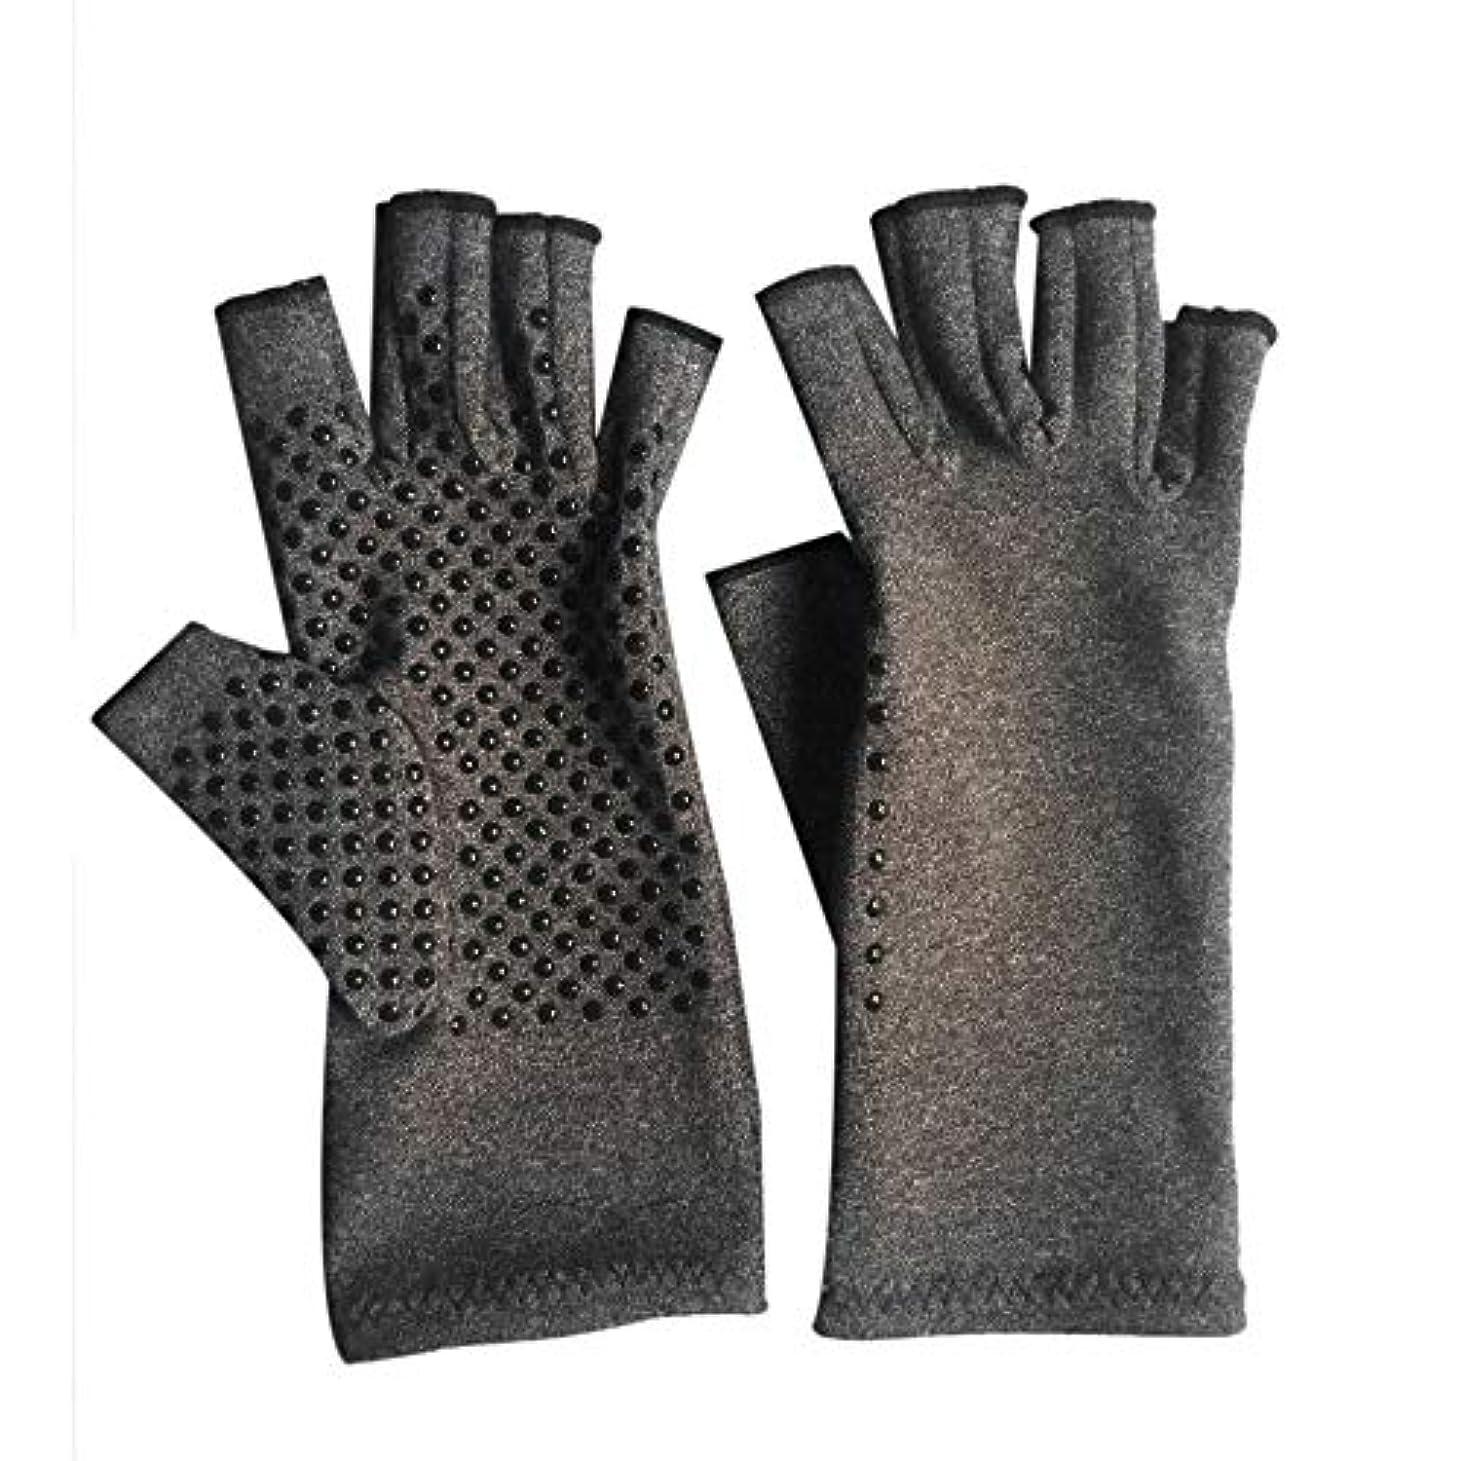 コミット時計回りマトン1ペアユニセックス男性女性療法圧縮手袋関節炎関節痛緩和ヘルスケア半指手袋トレーニング手袋 - グレーM